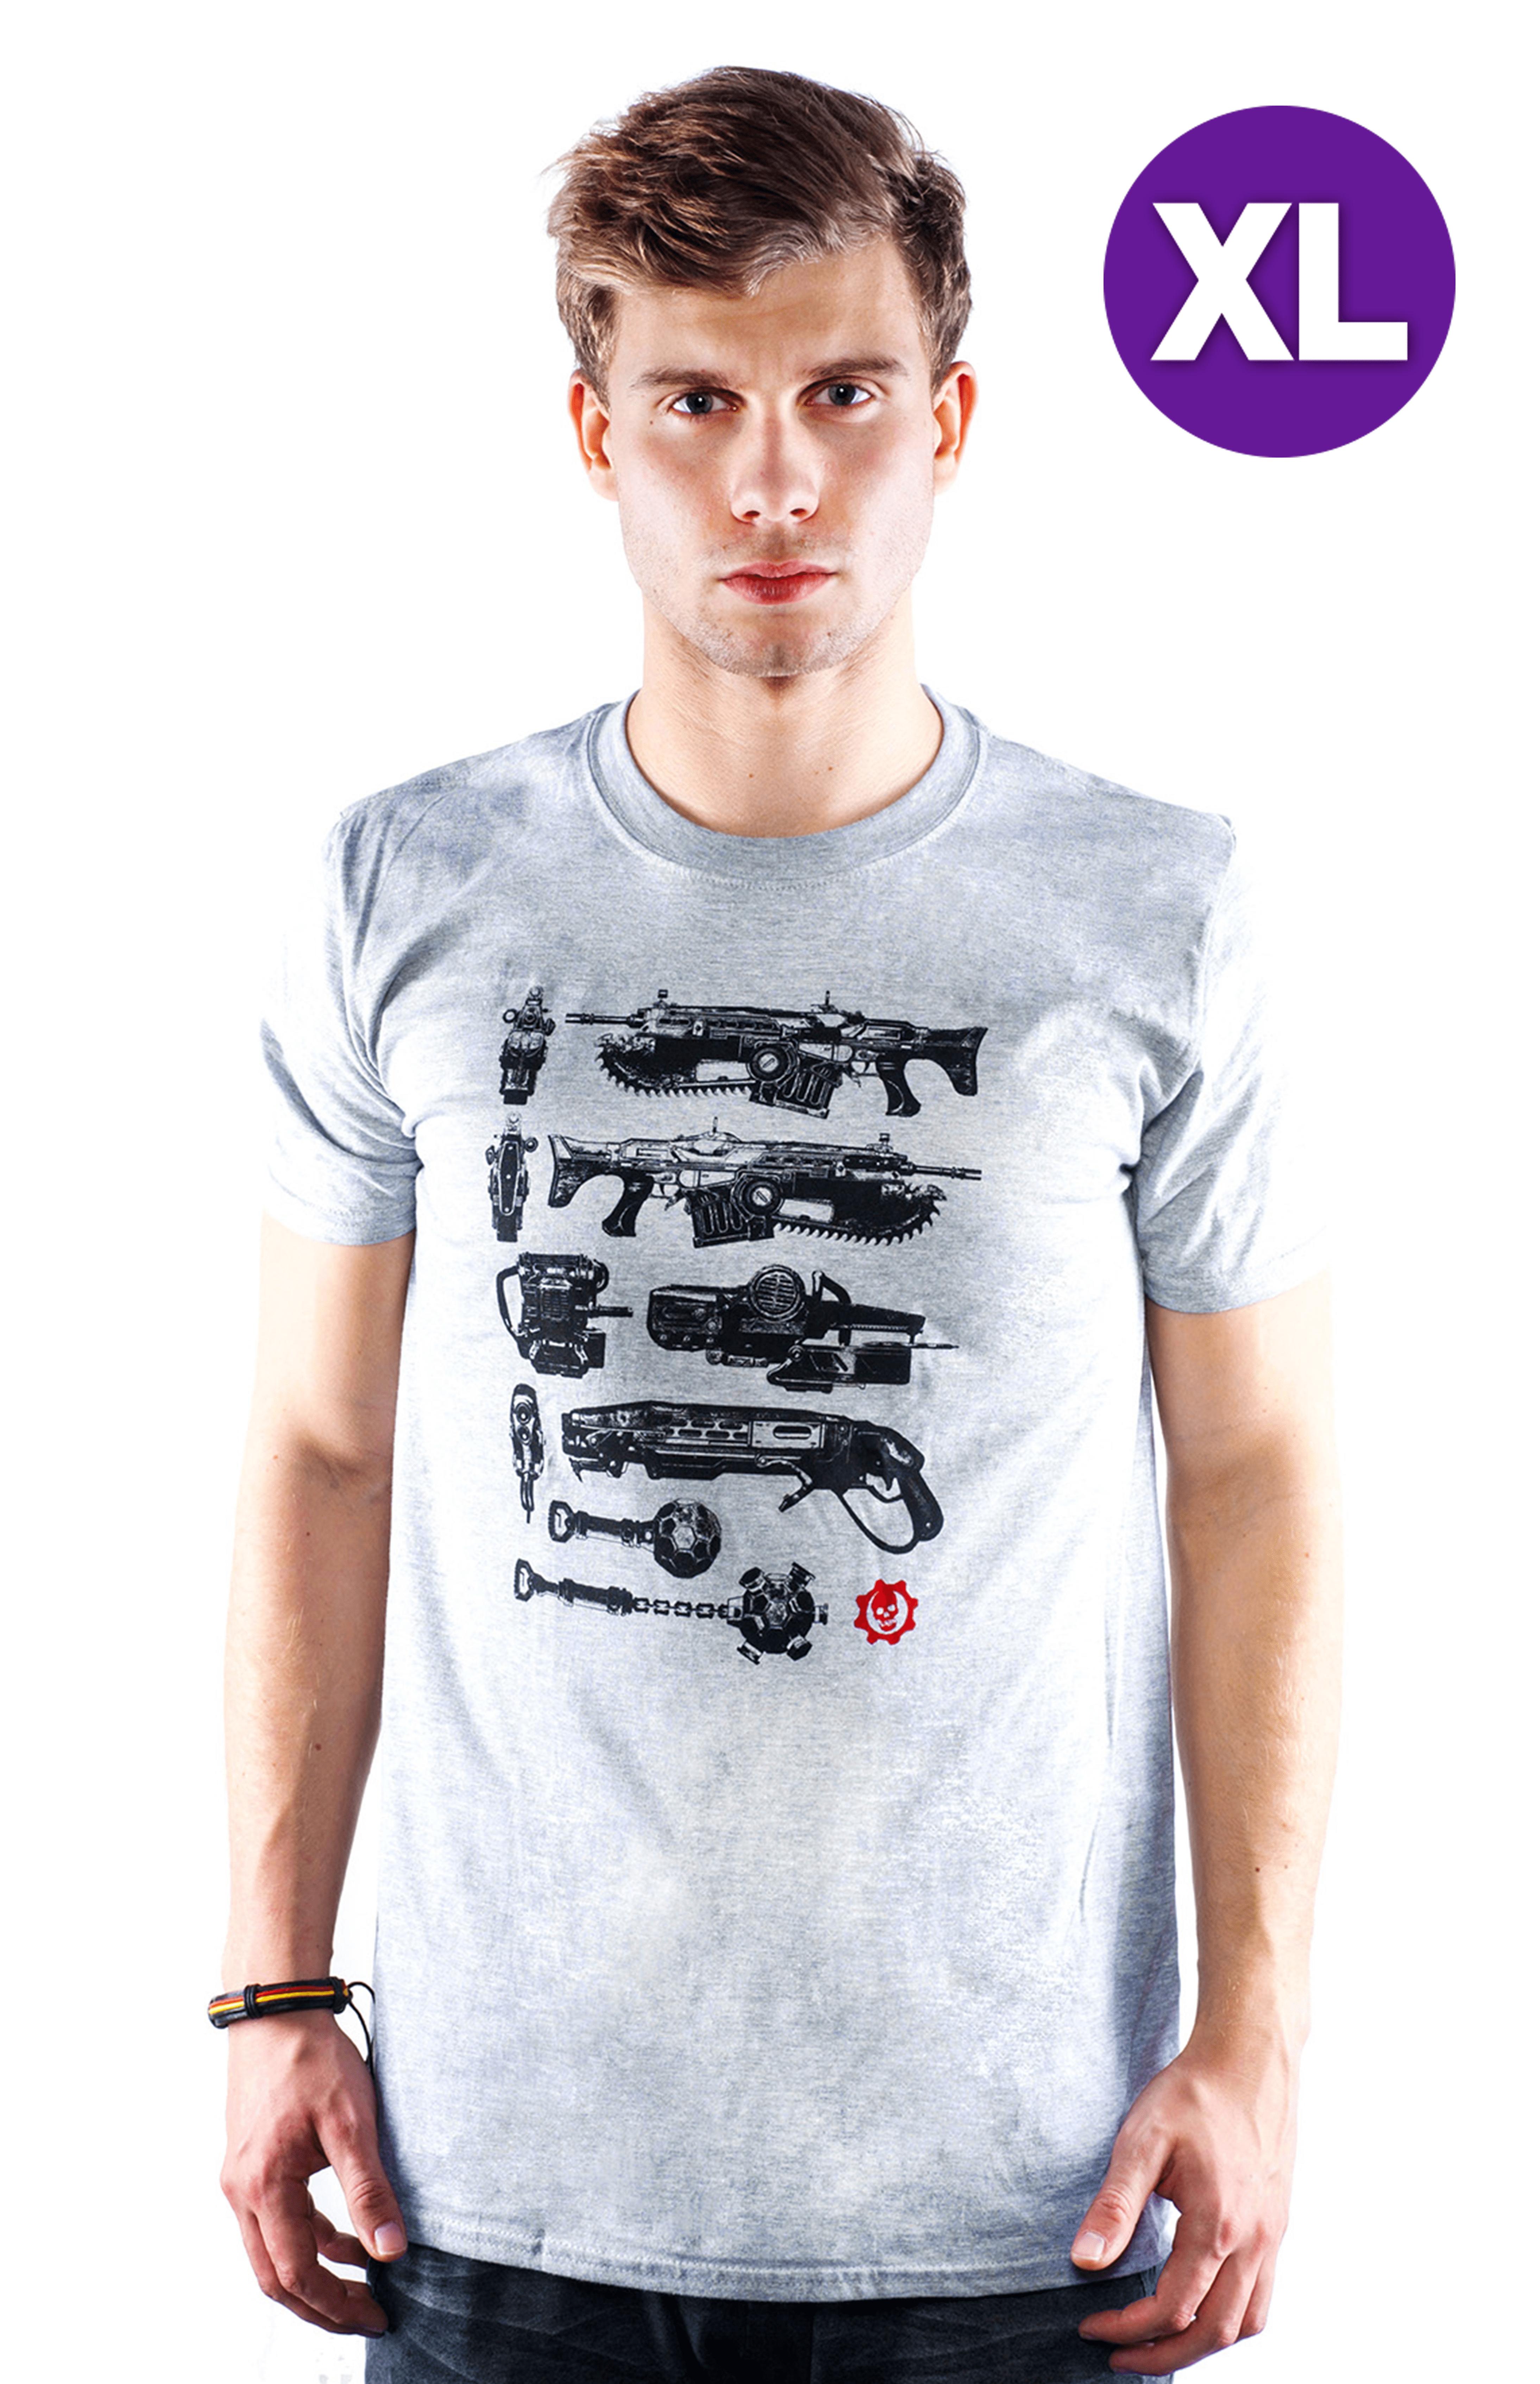 Gears of War 4 - Black Gun Tower T-Shirt XL